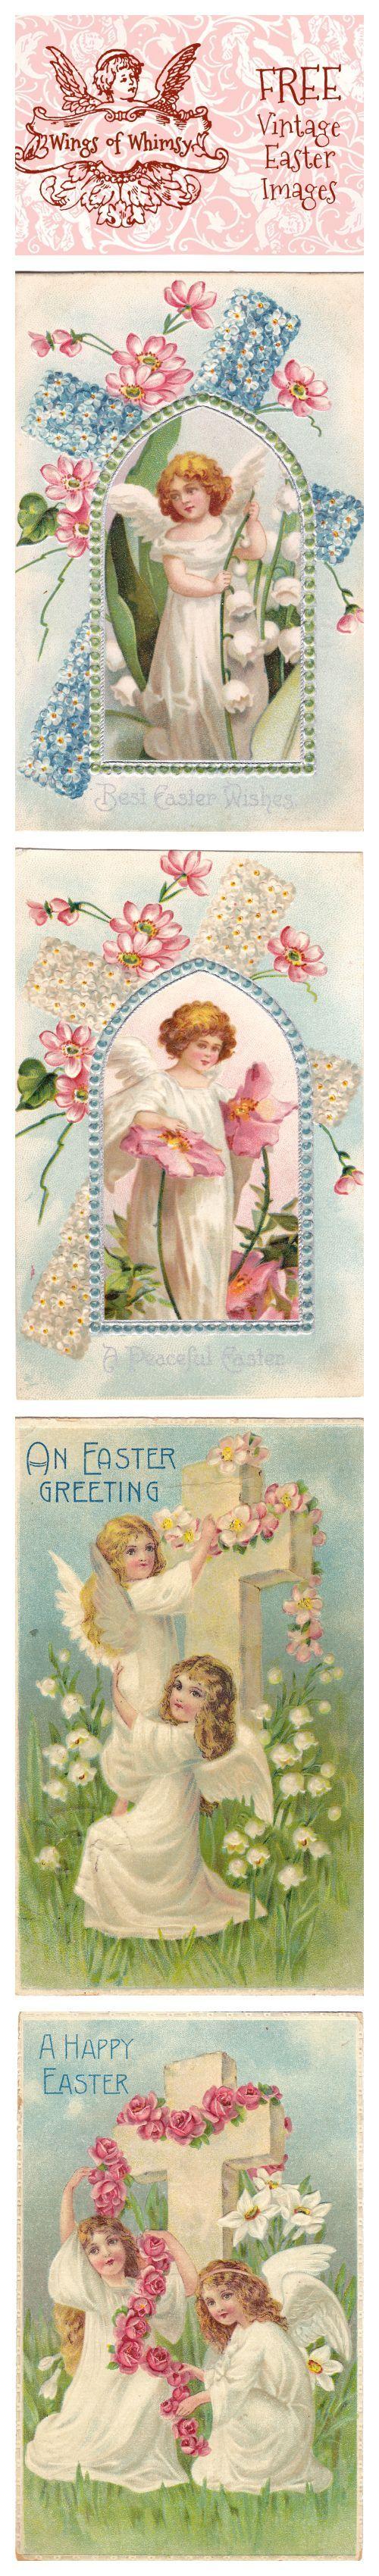 Pin By Aanne Aaltonen On Vintage Pinterest Easter